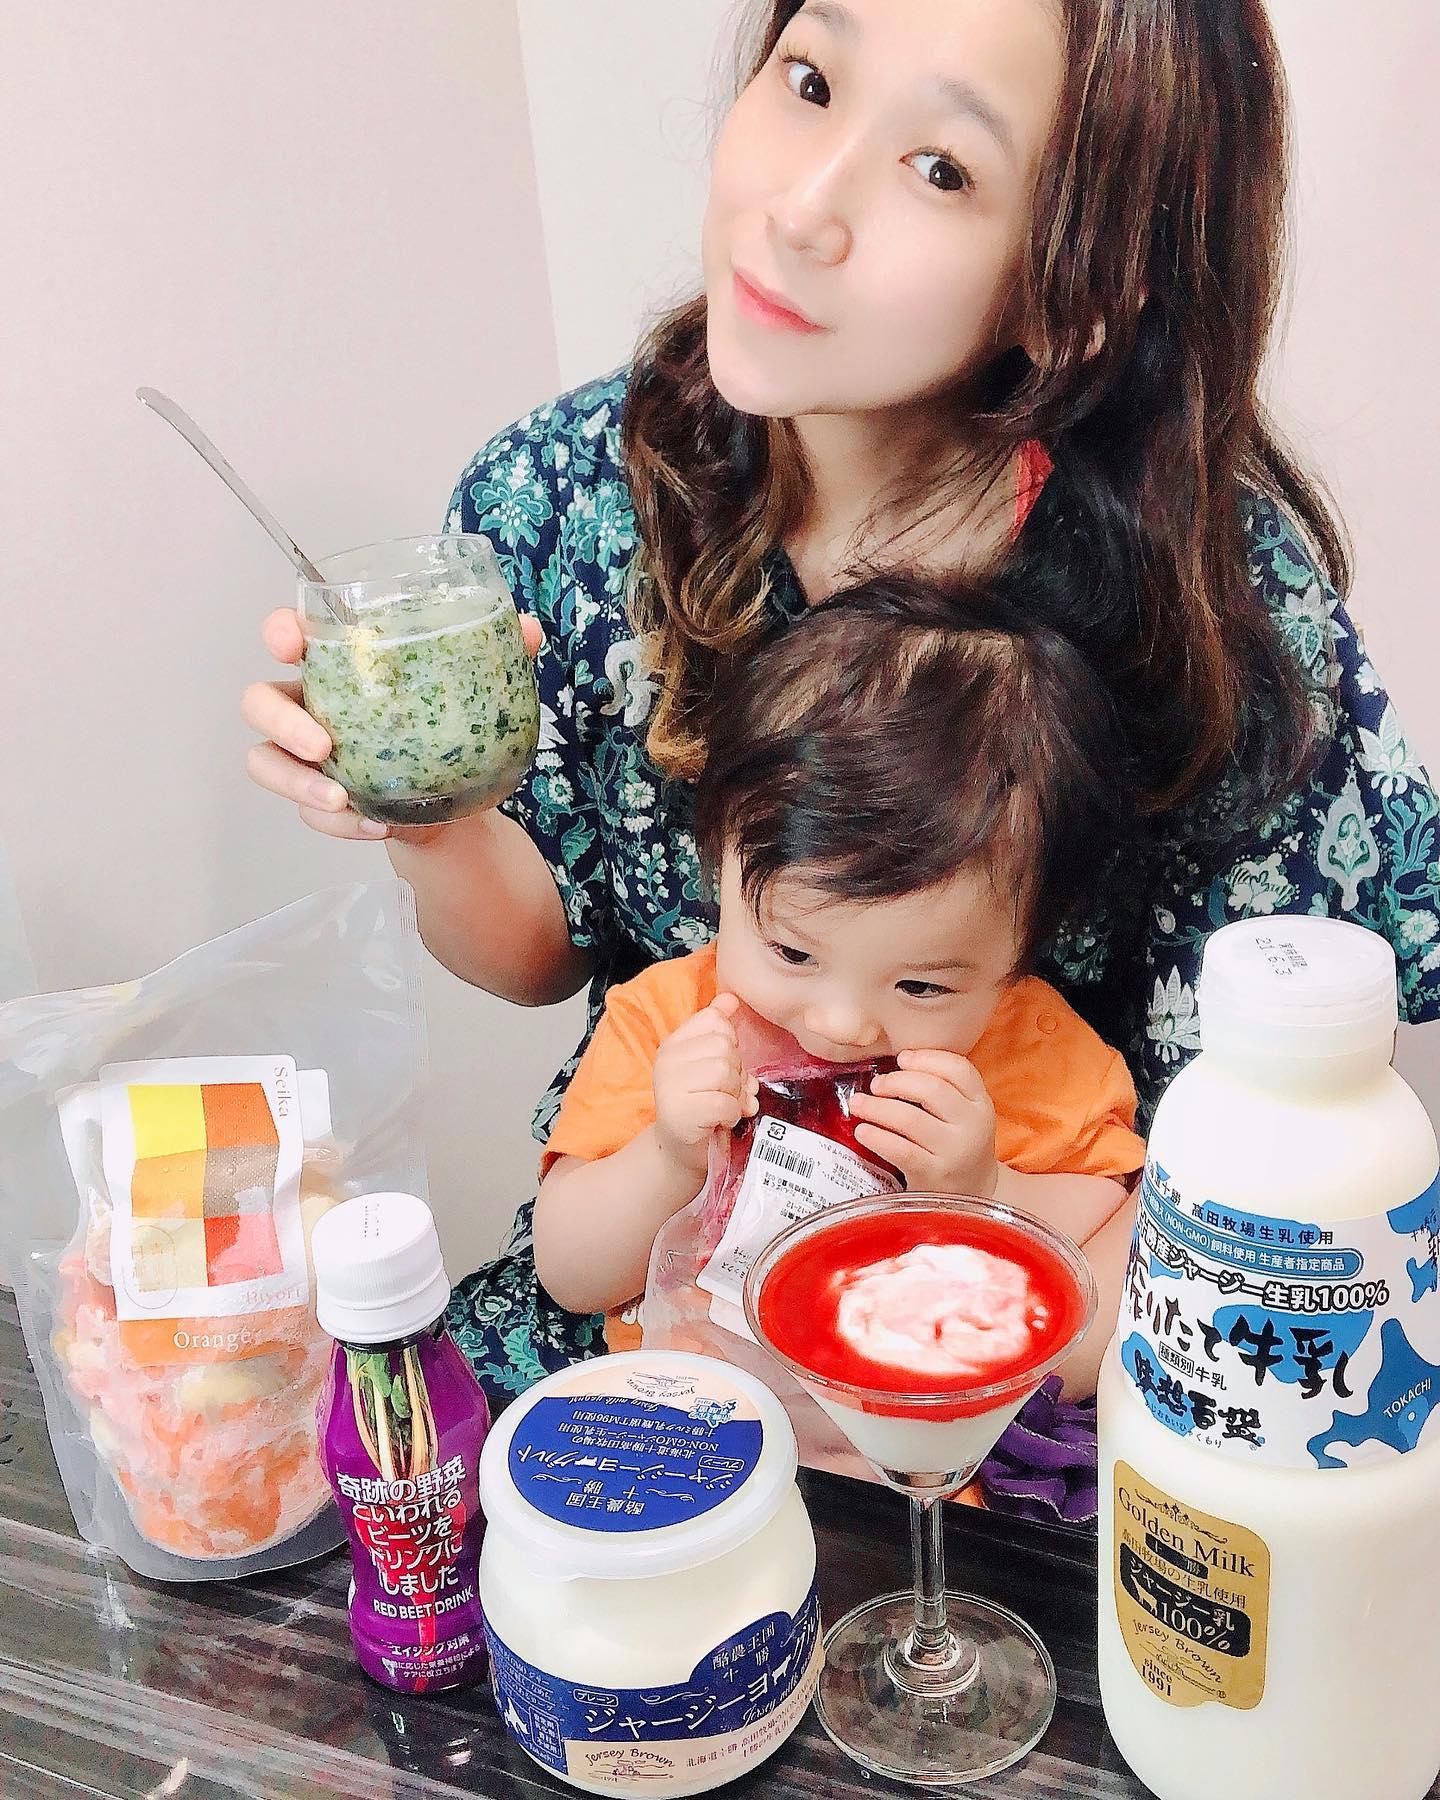 口コミ投稿:Fun diet🍒🍅🍓🥕🍎✨My son is satisfied with delicious dairy products🐮🥛(≧∀≦)Healthy a…